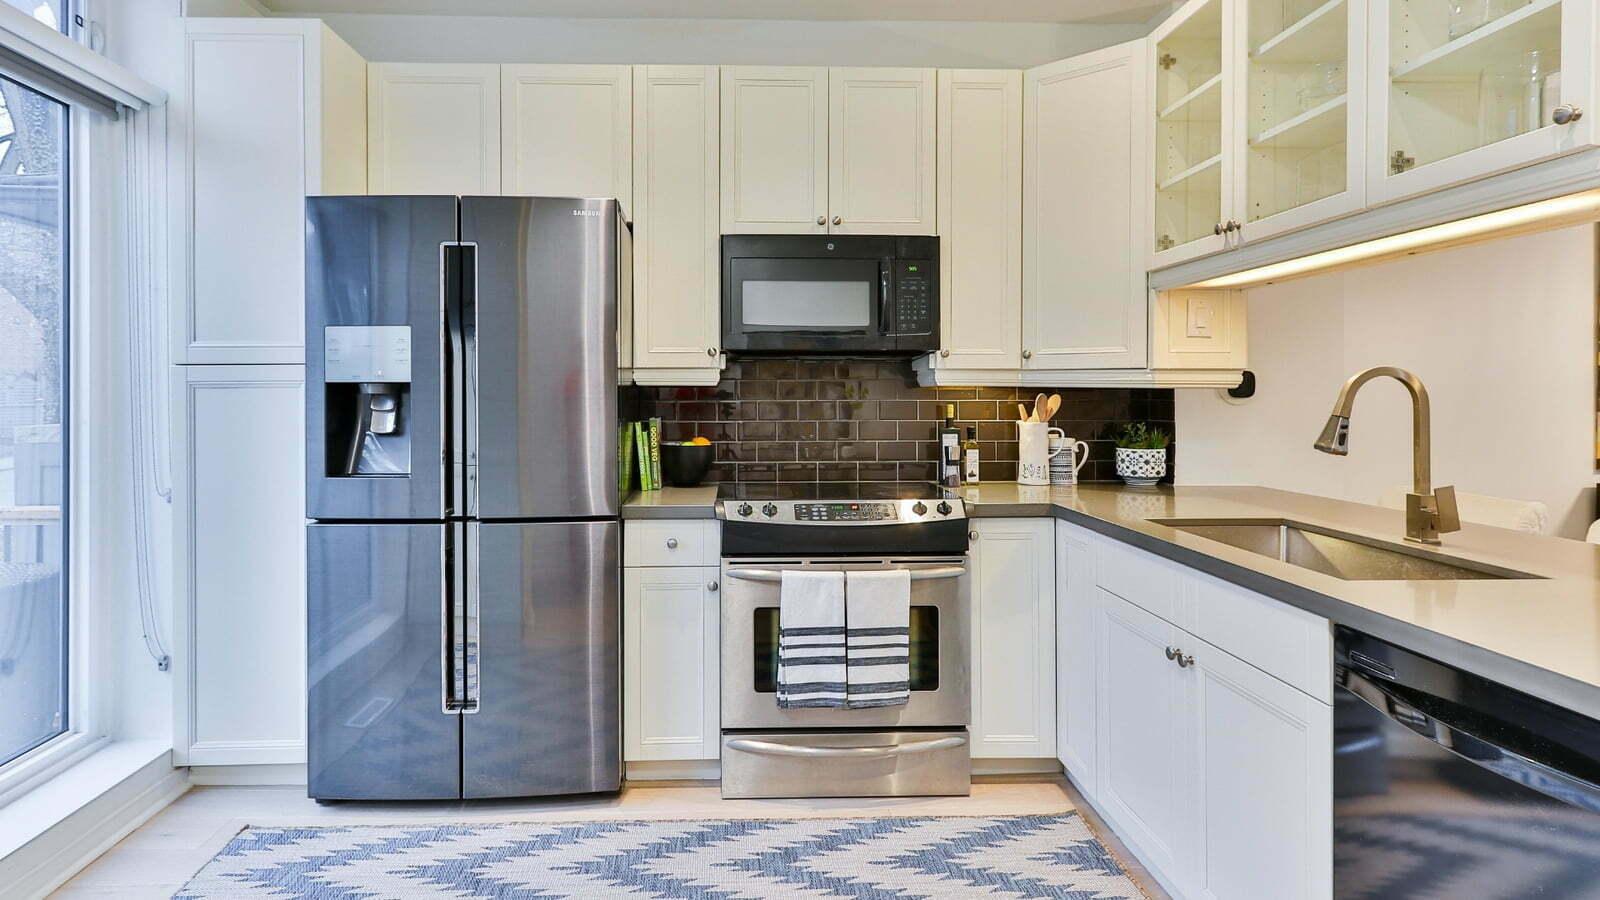 foley remodeling kitchen design l-shape